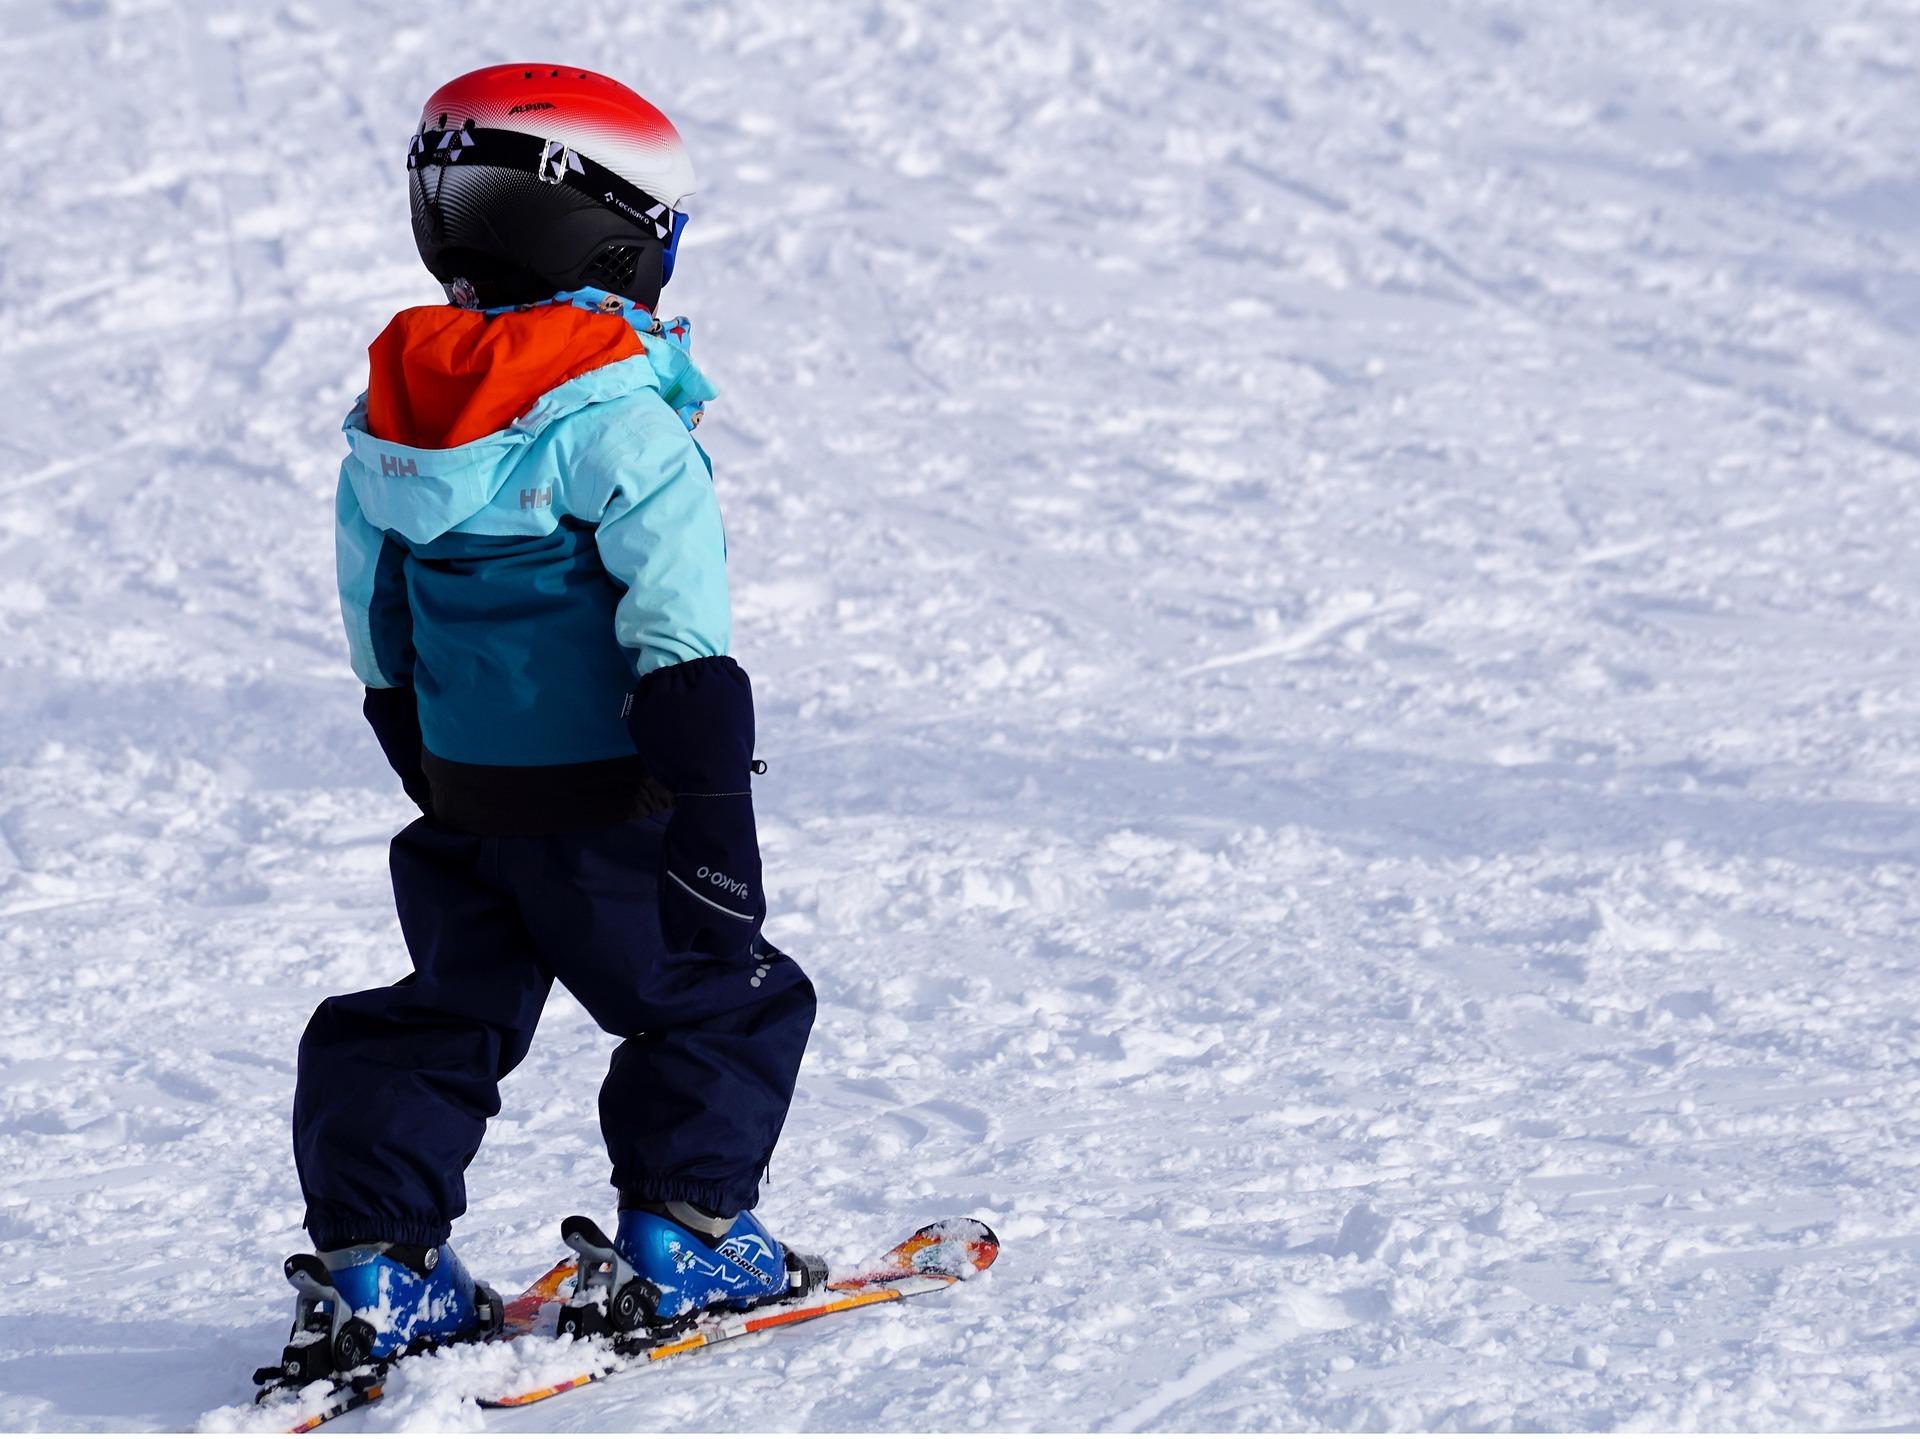 Skigebiet für Kinder – was ist wichtig? auf ratgeber-blogger.de